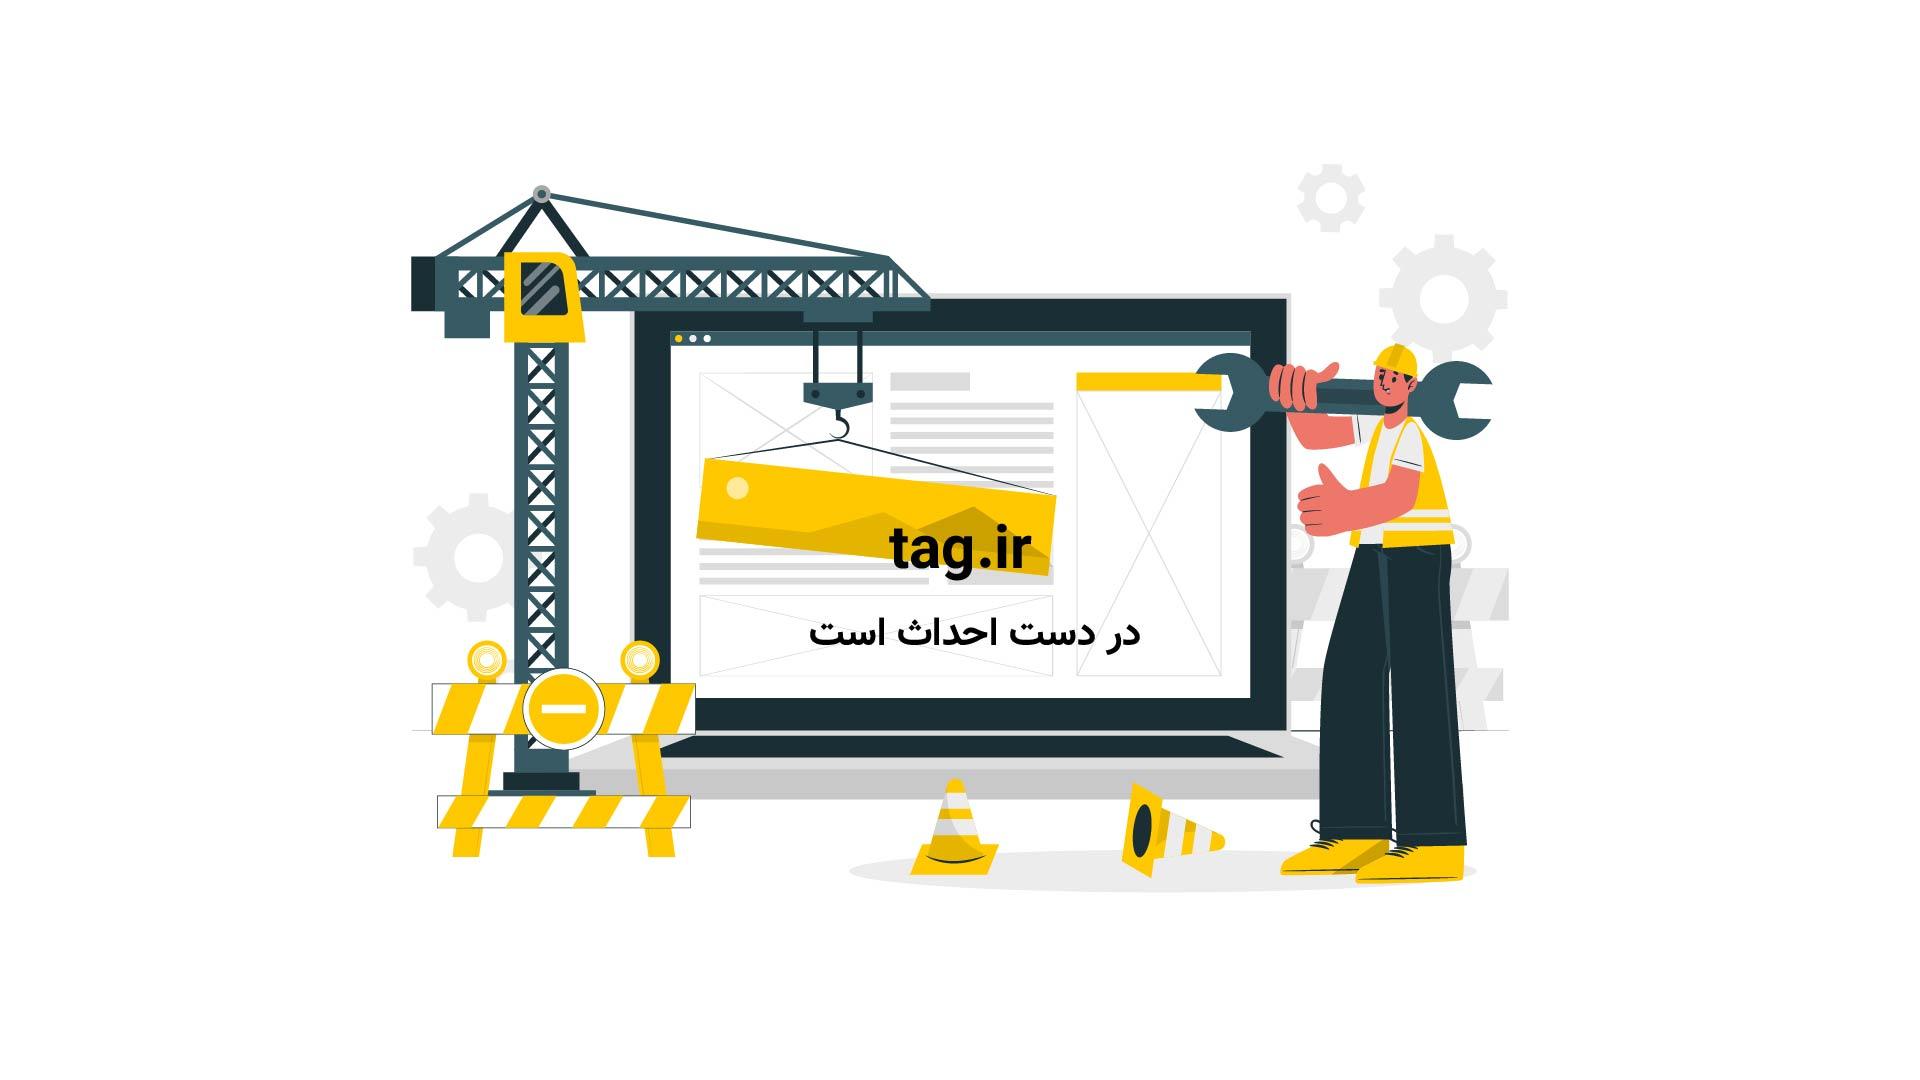 گزارش کامل از زمان پرتاب تا اصابت موشک های سپاه به مواضع داعش | فیلم